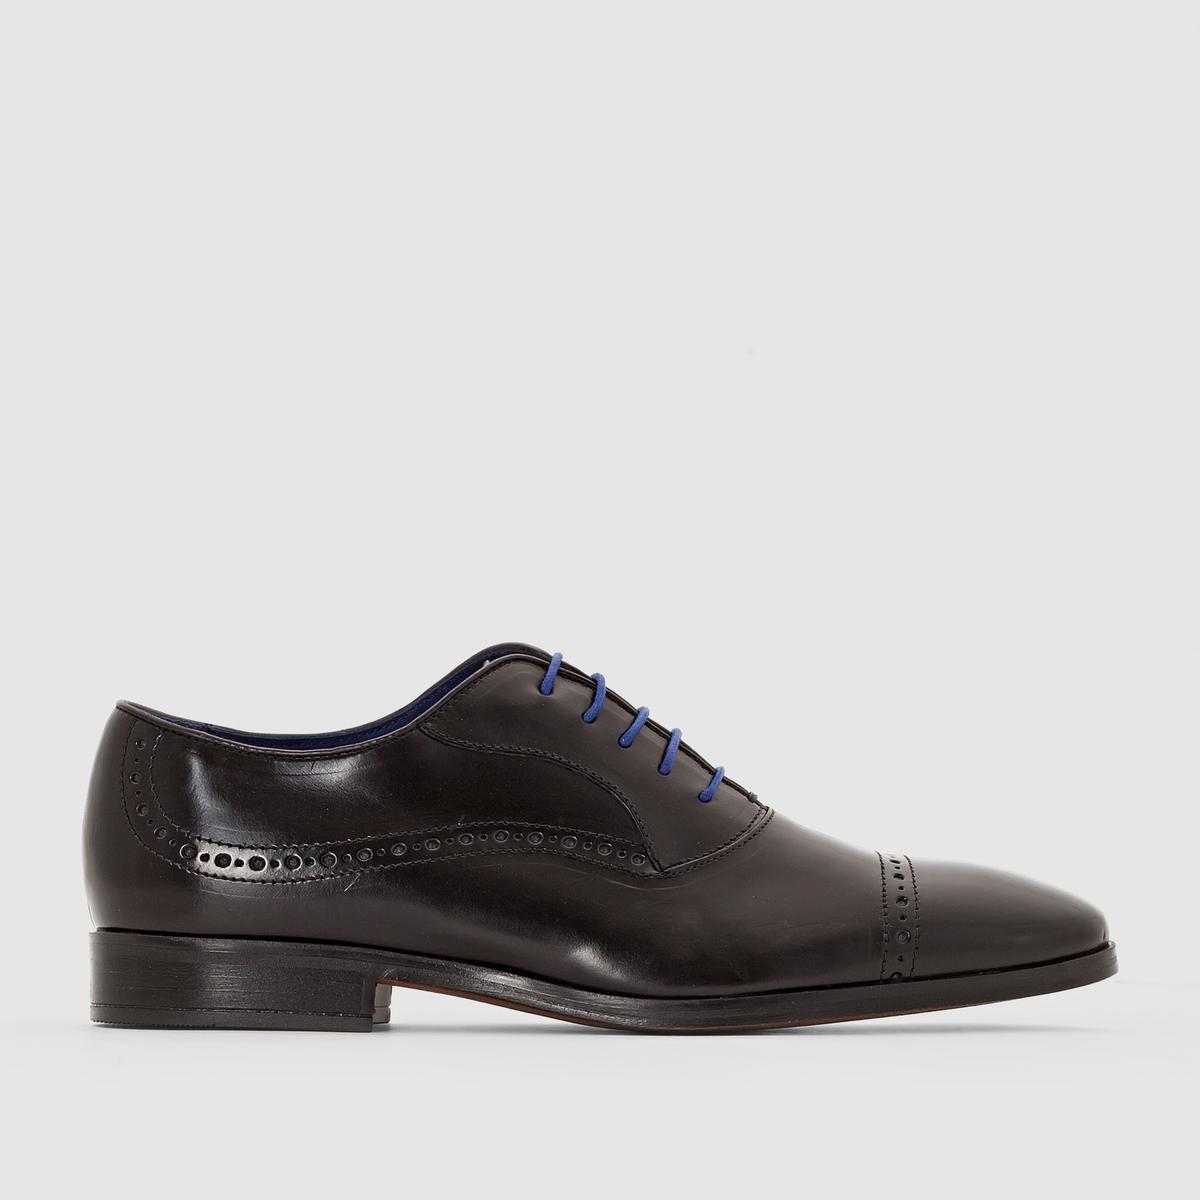 Ботинки-дерби из кожи со шнуровкойБотинки-дерби из кожи со шнуровкой, модель Depech от Azzaro.Верх: яловичная кожа. Подкладка: кожа и текстиль. Стелька: кожа. Подошва: кожа. Застежка: на шнуровке. Высота каблука: 2 см. Классический стиль ботинок на низком каблуке? Марка Azzaro отдает дань традициям с этими элегантными дерби из кожи, созданными и изготовленными в Италии. Наслаждайтесь качеством и комфортом, надевая дерби с классическим костюмом или элегантным вечерним комплектом.<br><br>Цвет: каштановый